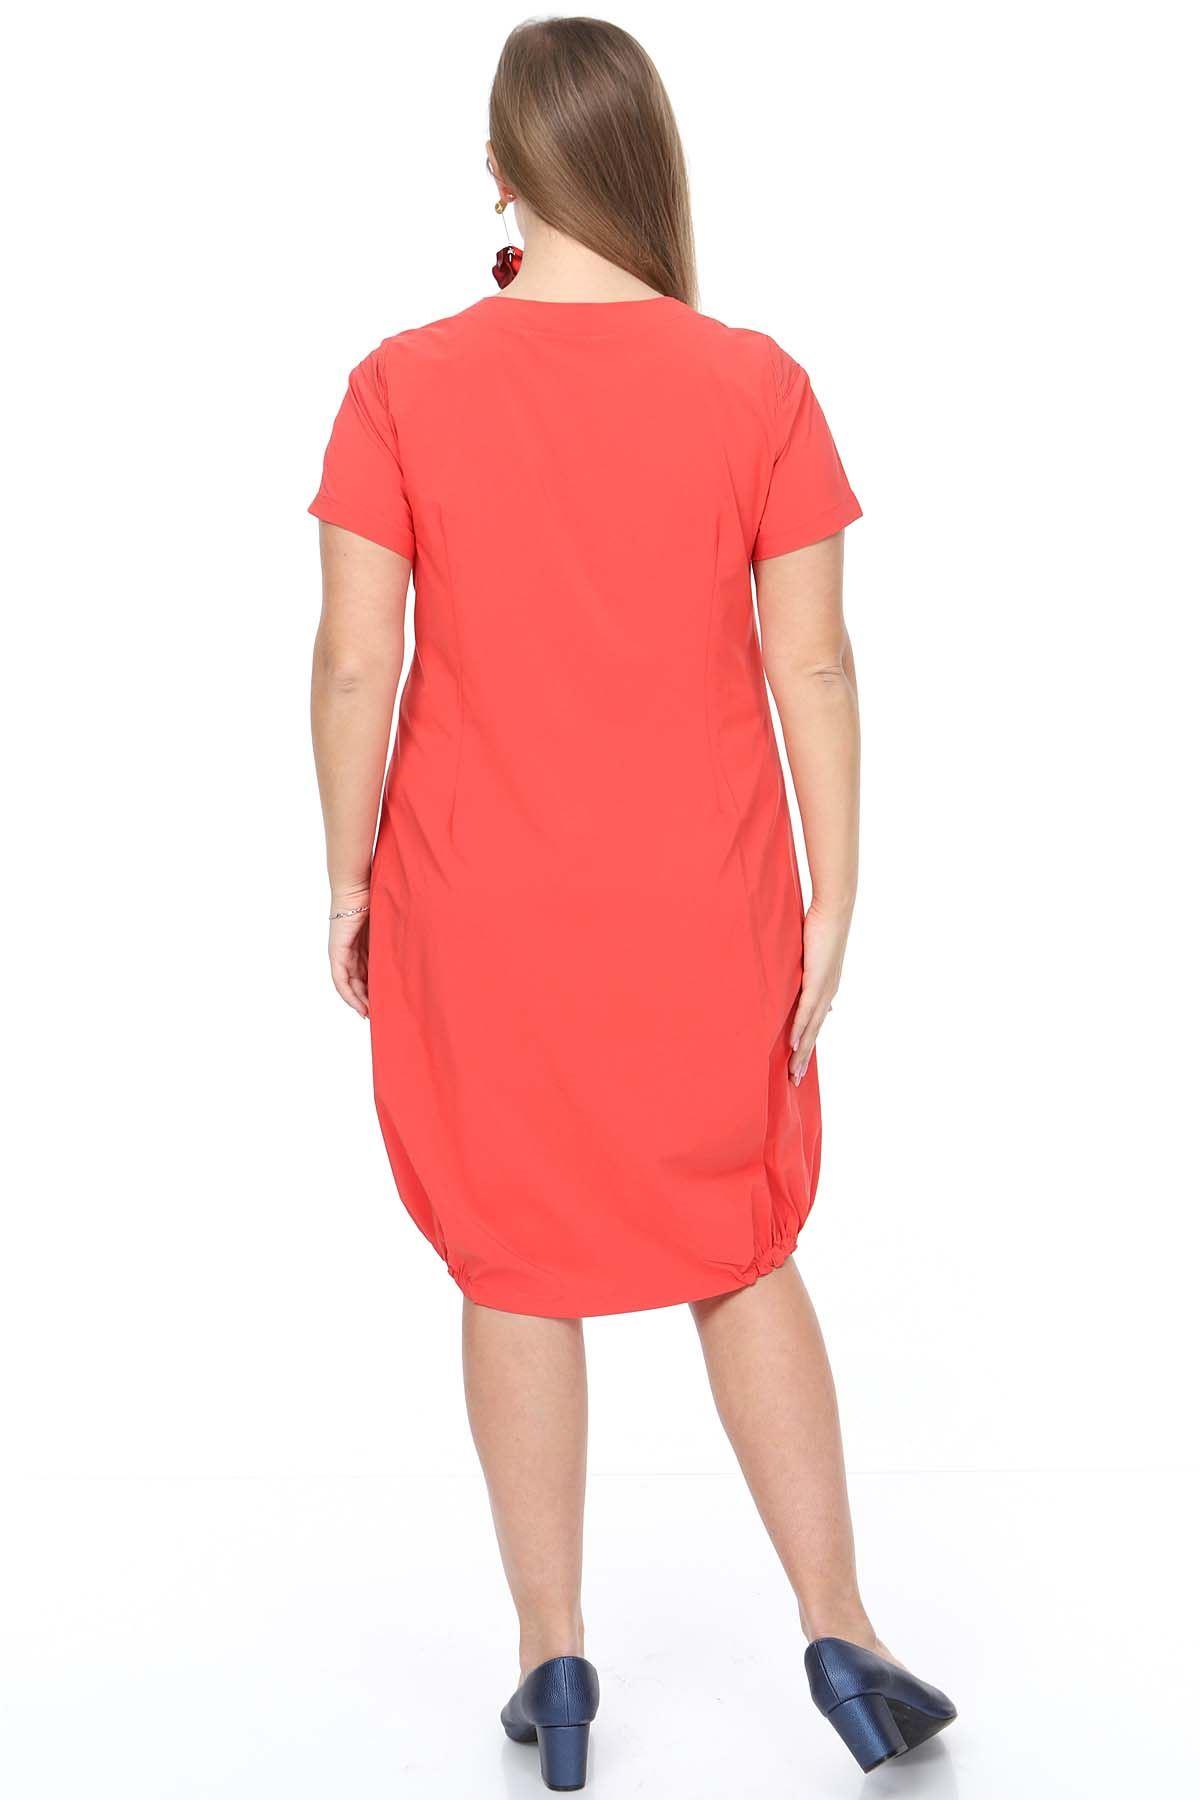 Yazlık Mercan Büyük Beden Elbise 18E-0920